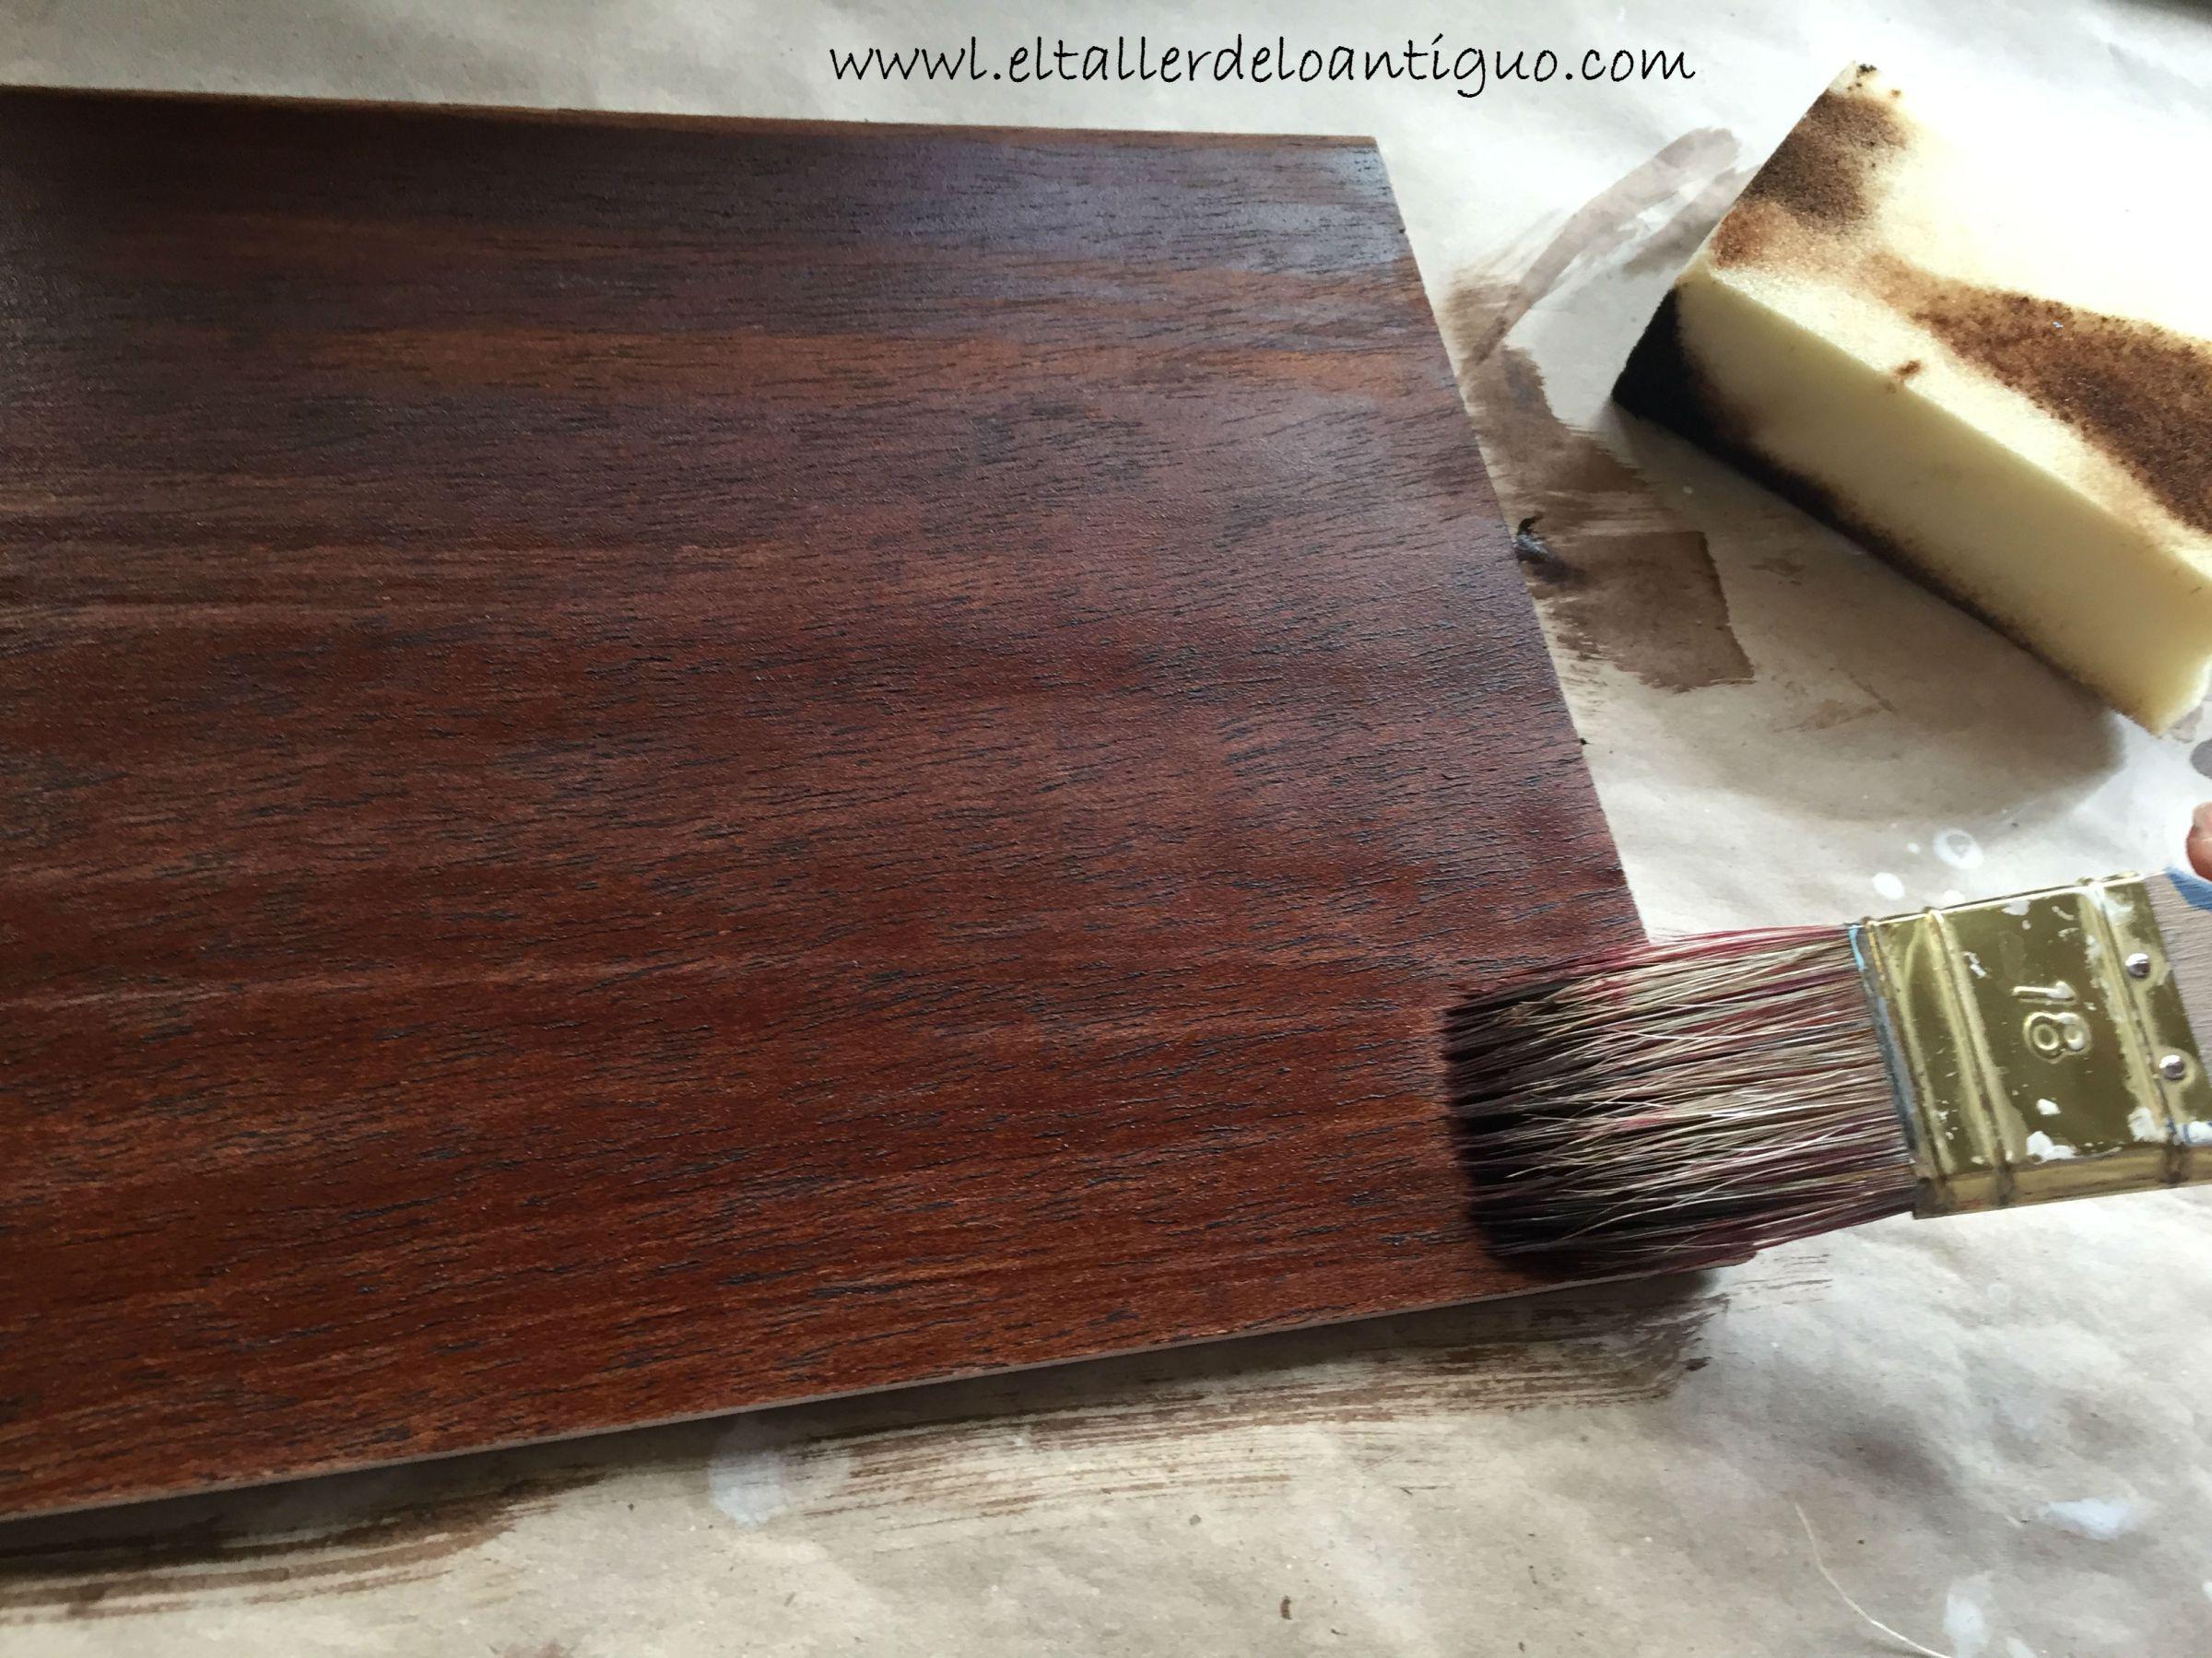 8-como-hacer-tinte-nogal-para-muebles | Manualidades | Pinterest ...